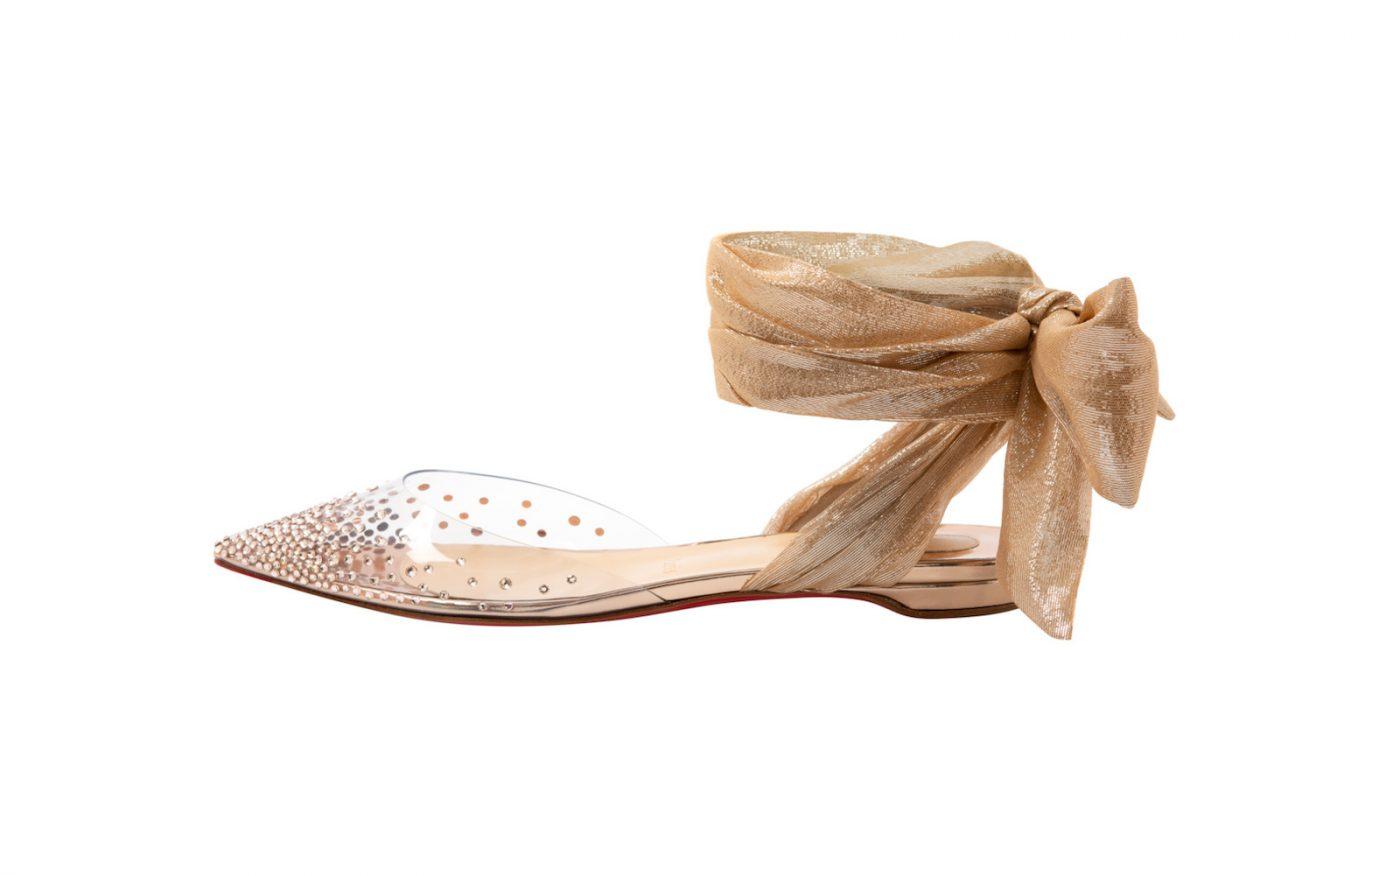 """, Christian Louboutin a proiectat tocuri de basm inspirate din Baletul """"Frumoasa din pădurea adormită"""""""